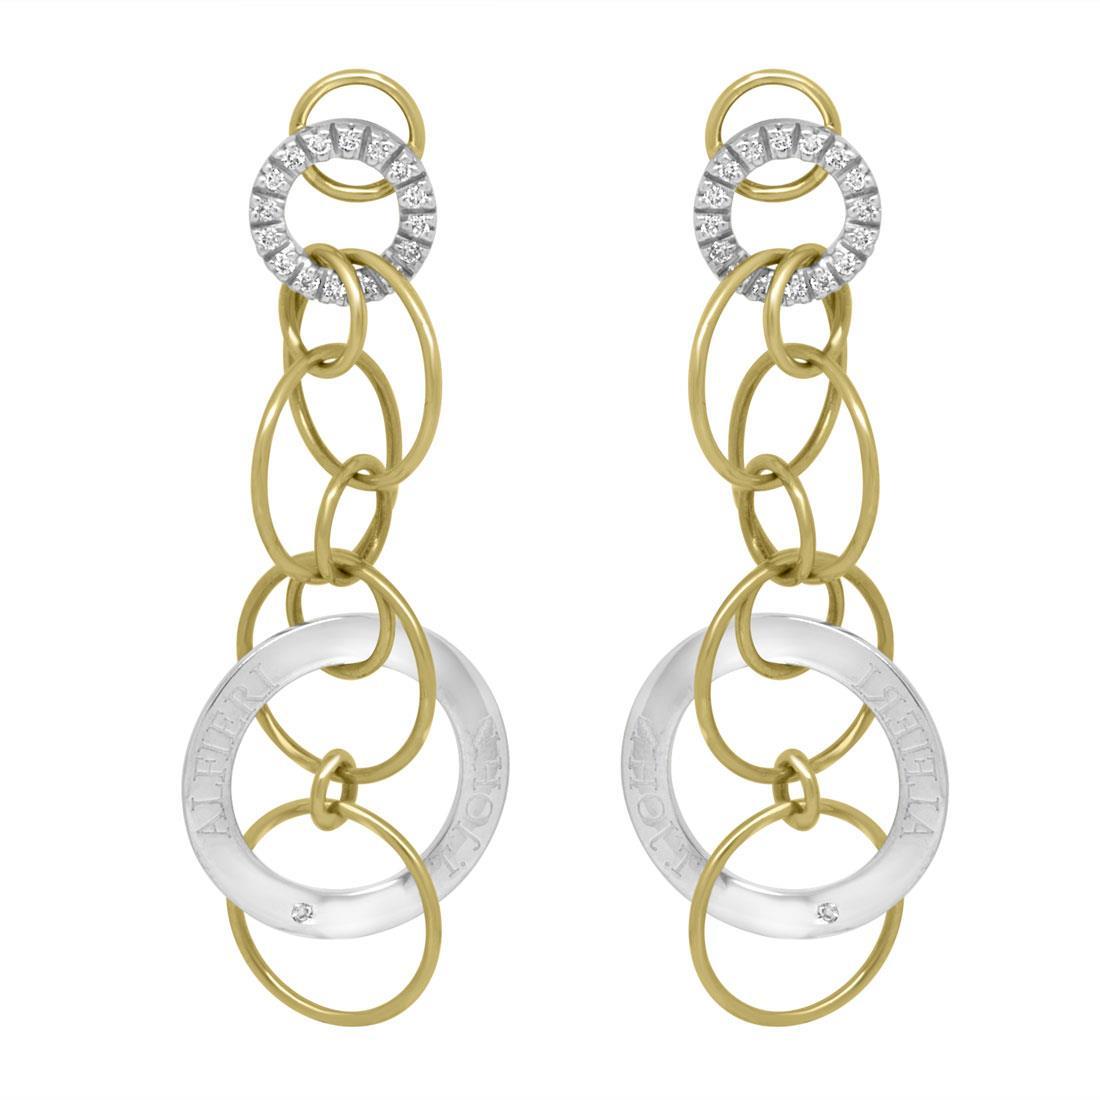 Orecchini pendenti in oro bianco e giallo con diamanti - ALFIERI & ST. JOHN